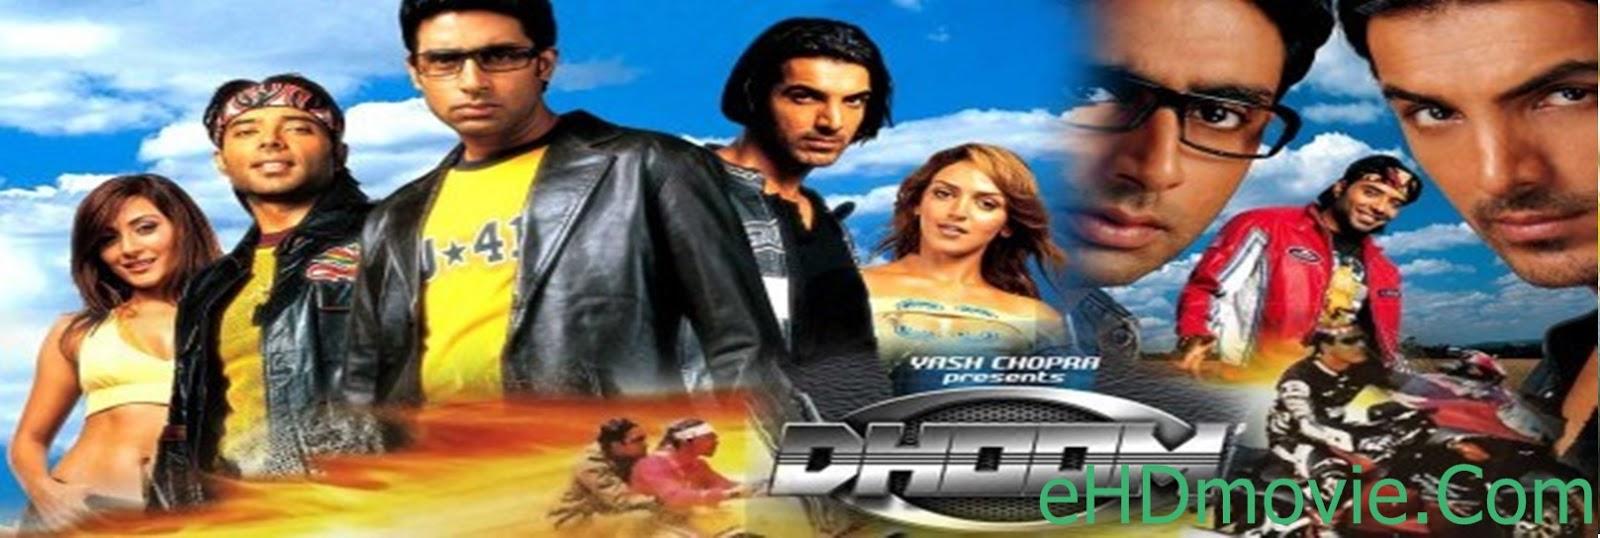 Dhoom 2004 Full Movie Hindi 720p - 480p ORG BRRip 550MB - 1.1GB ESubs Free Download